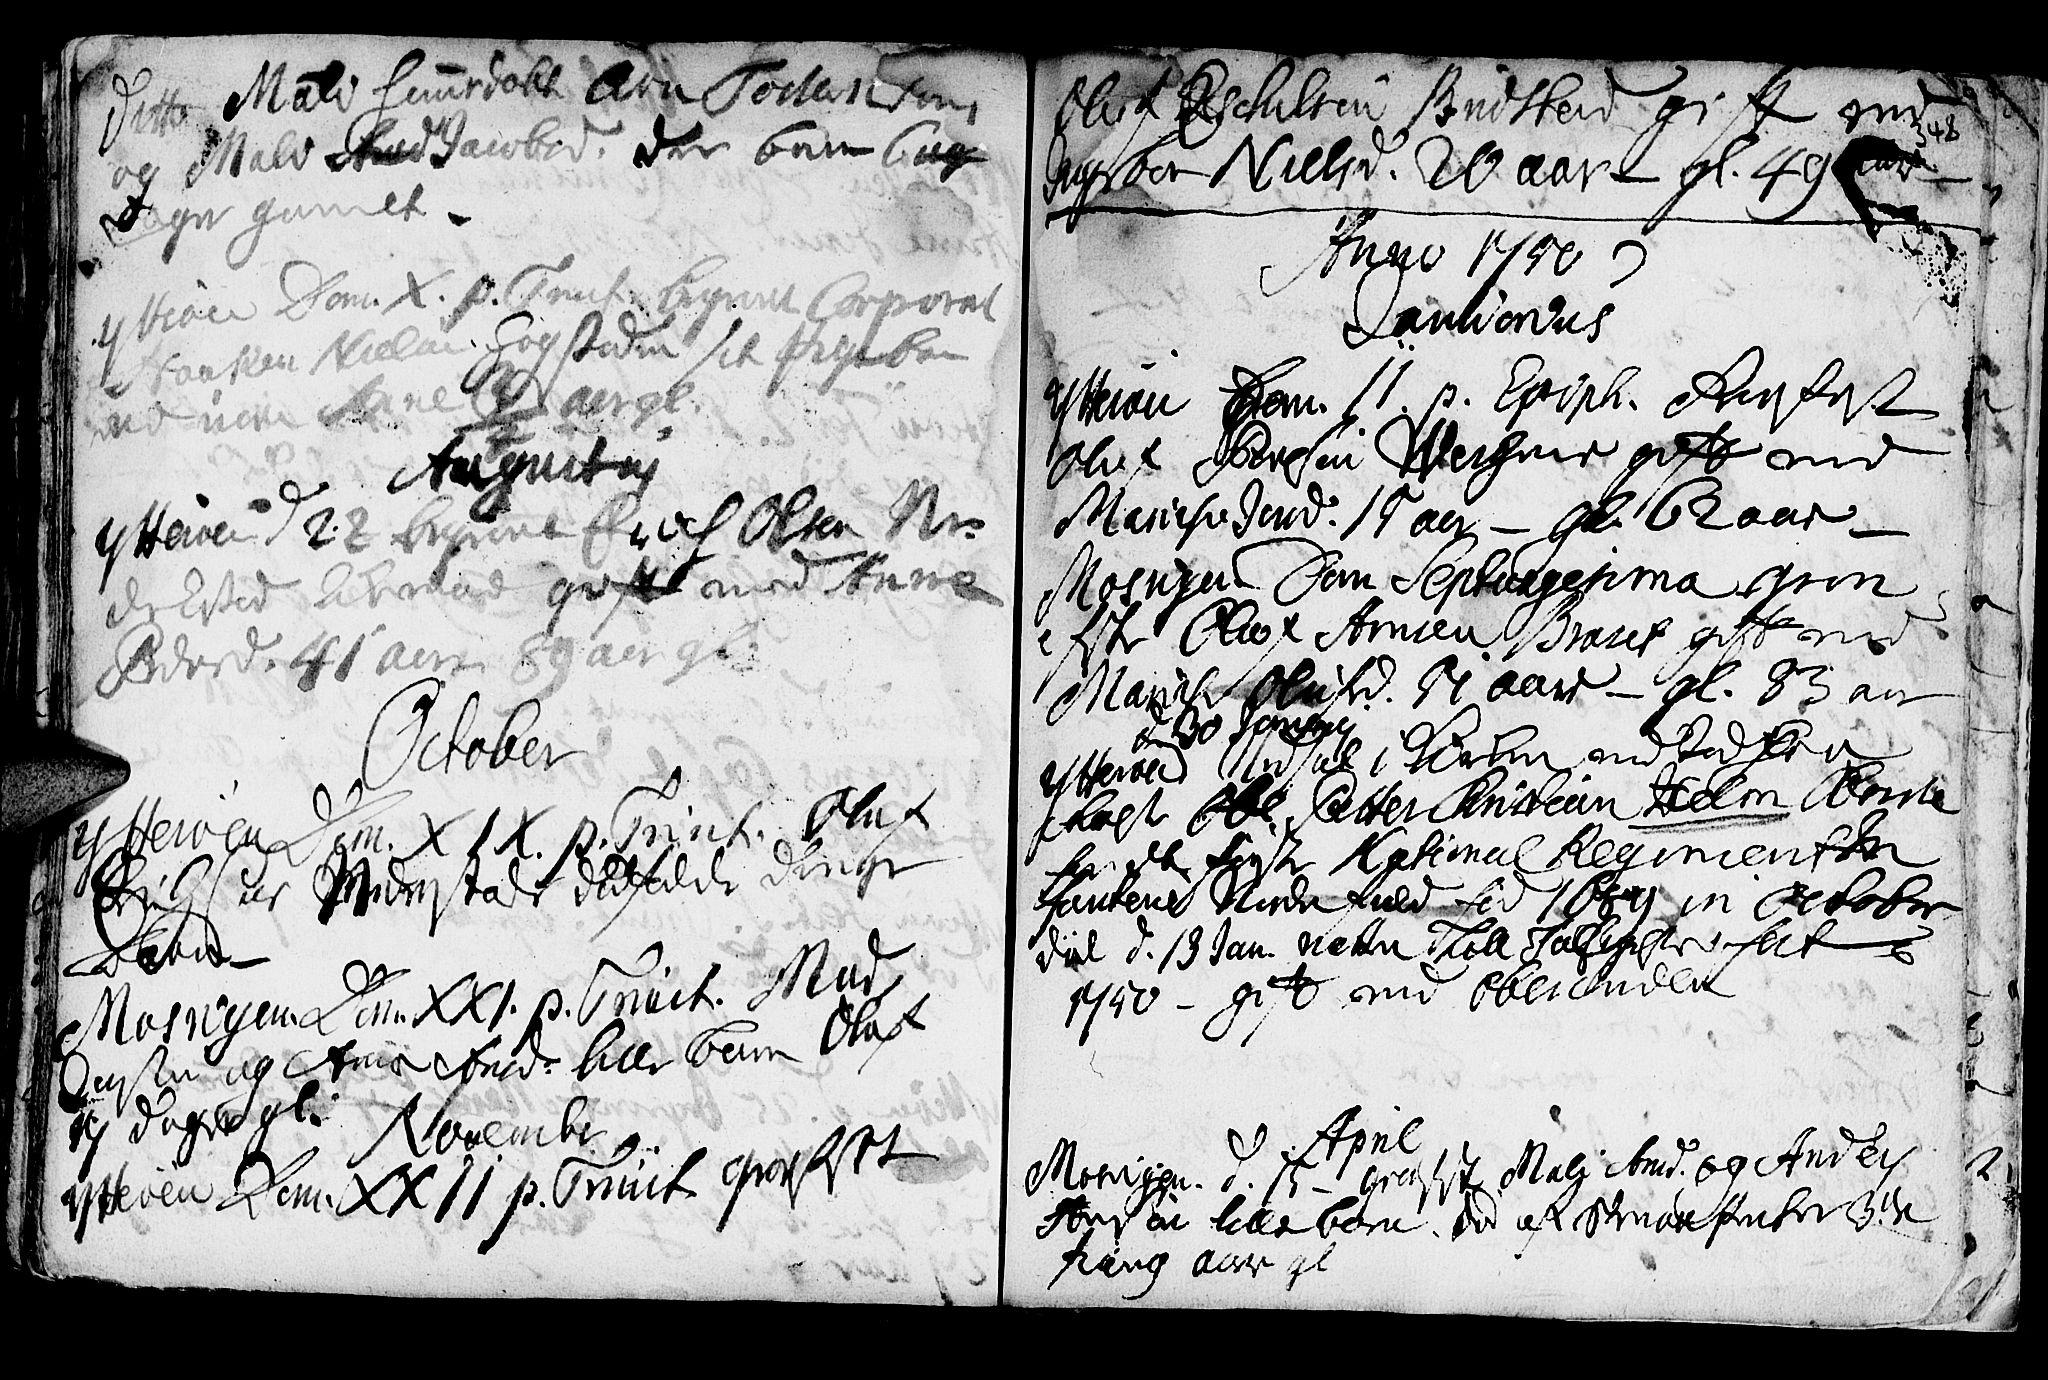 SAT, Ministerialprotokoller, klokkerbøker og fødselsregistre - Nord-Trøndelag, 722/L0215: Ministerialbok nr. 722A02, 1718-1755, s. 348